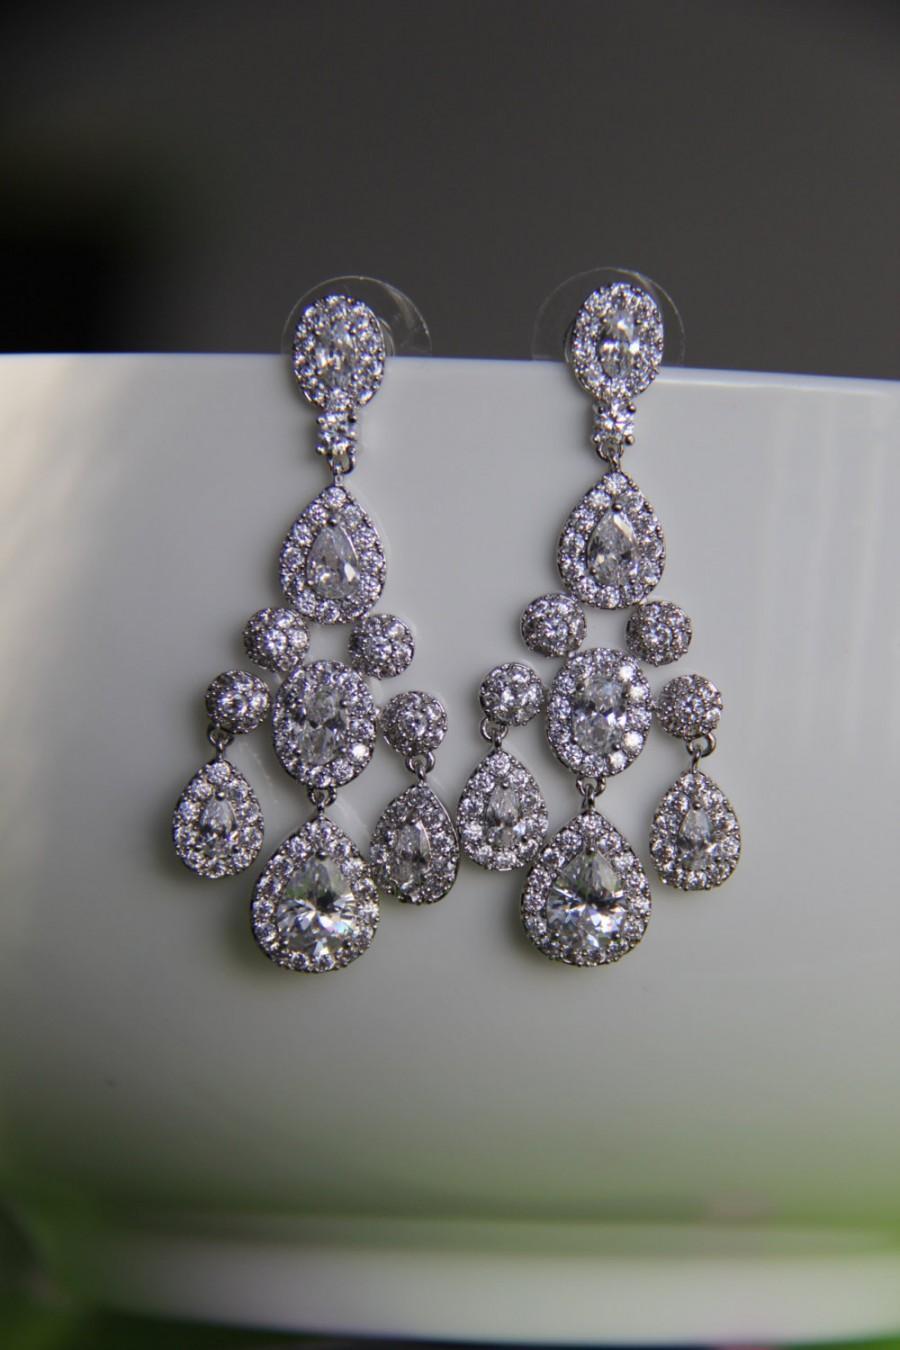 Hochzeit - Bridal earrings, cz earrings, wedding earrings, bridesmaid earrings, bridal jewelry, wedding jewelry, cz jewelry, dangley earrings